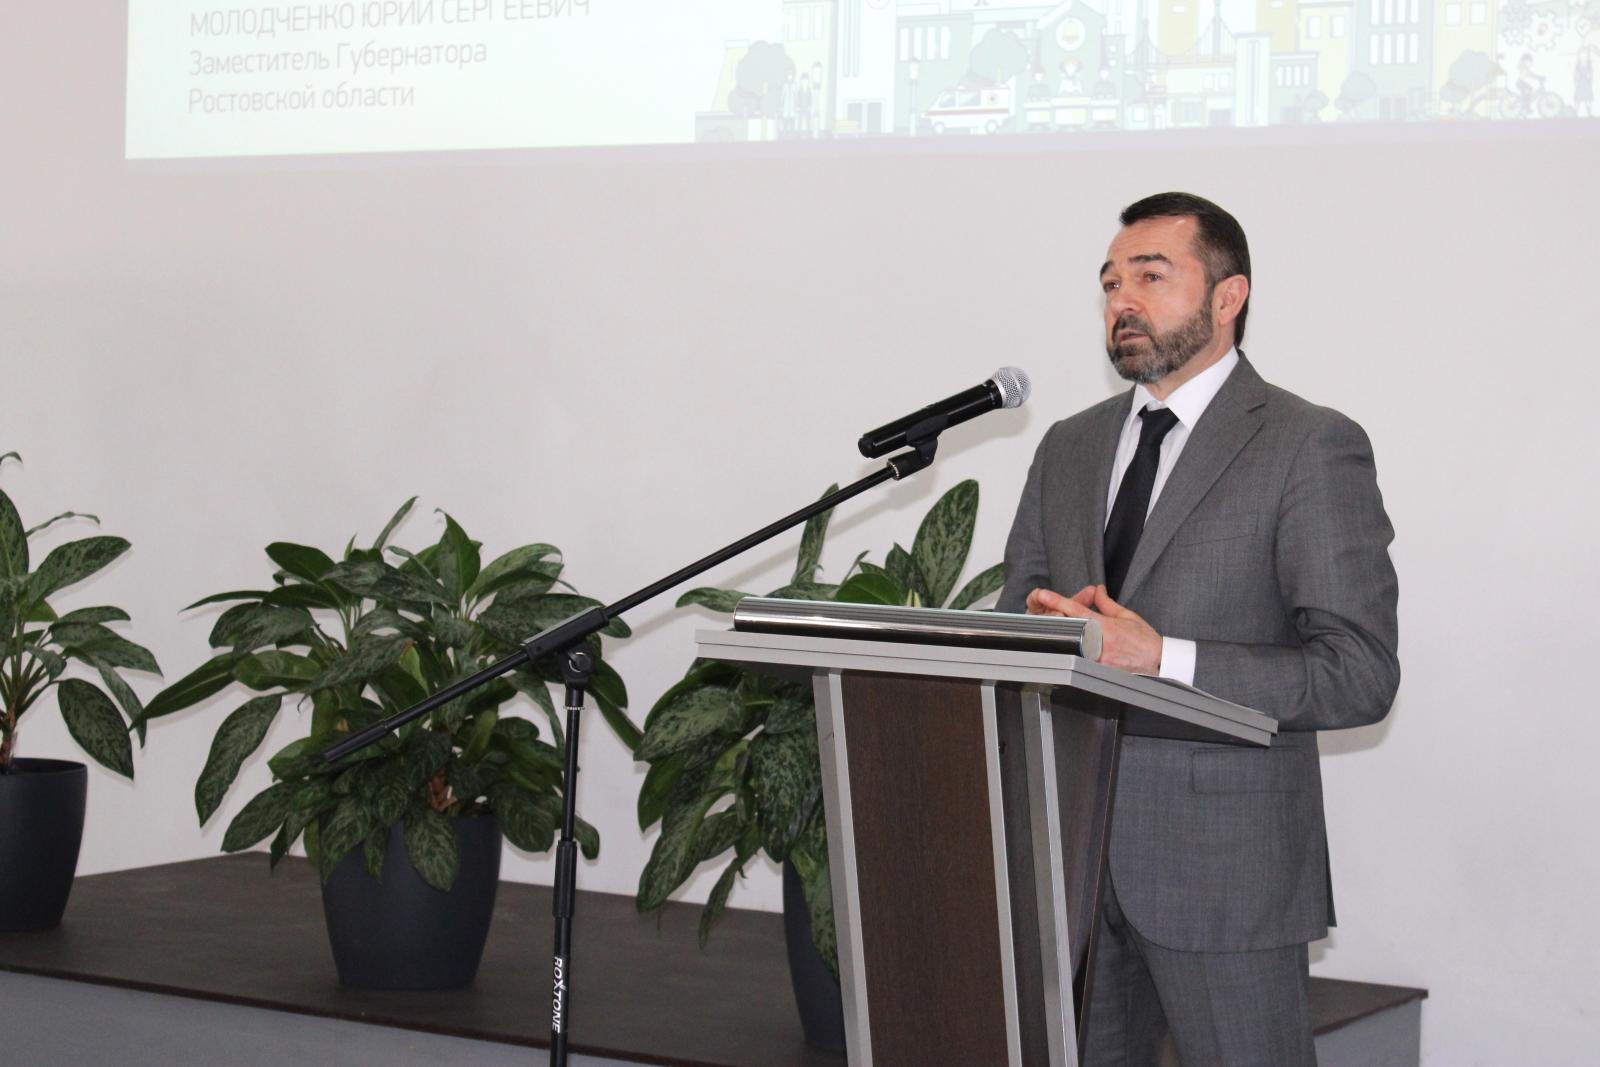 Дискуссию по реализации национальных проектов в Ростовской области провели молодые парламентарии